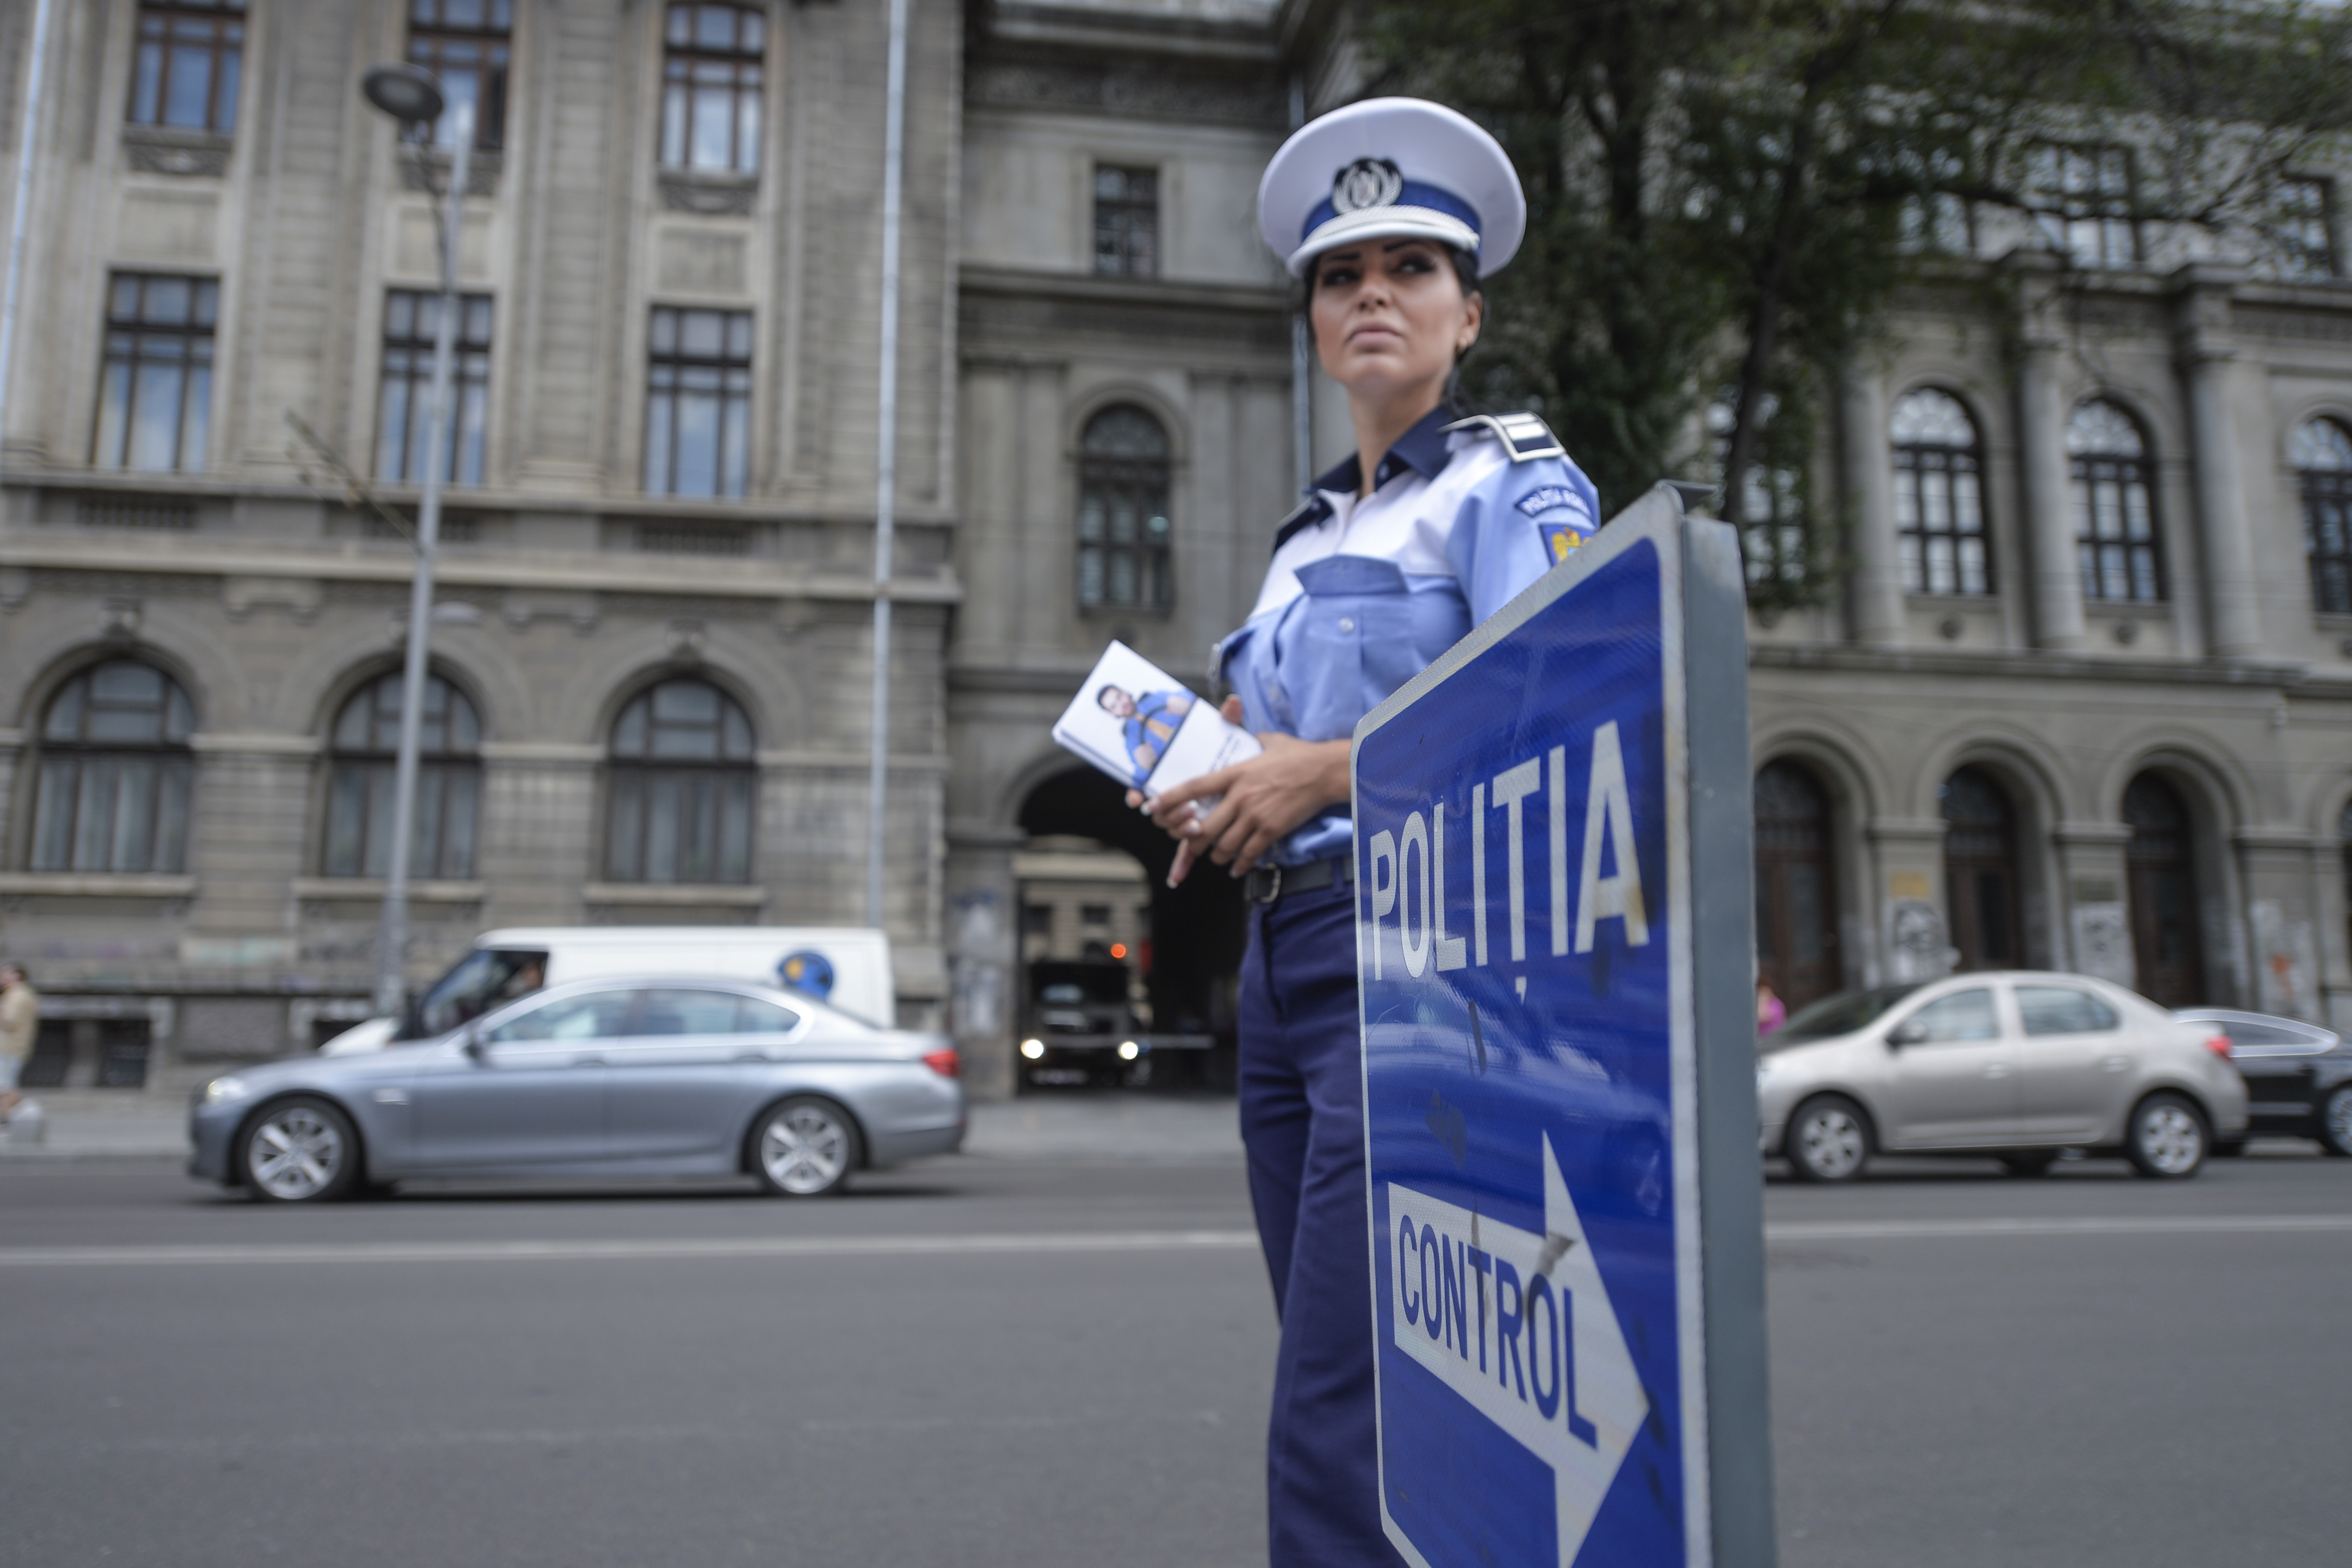 Poliţia Română scoate la concurs 770 de posturi folosind un mesaj legat de poliţistul pedofil: `Ai auzit tot felul de lucruri îngrozitoare despre noi`